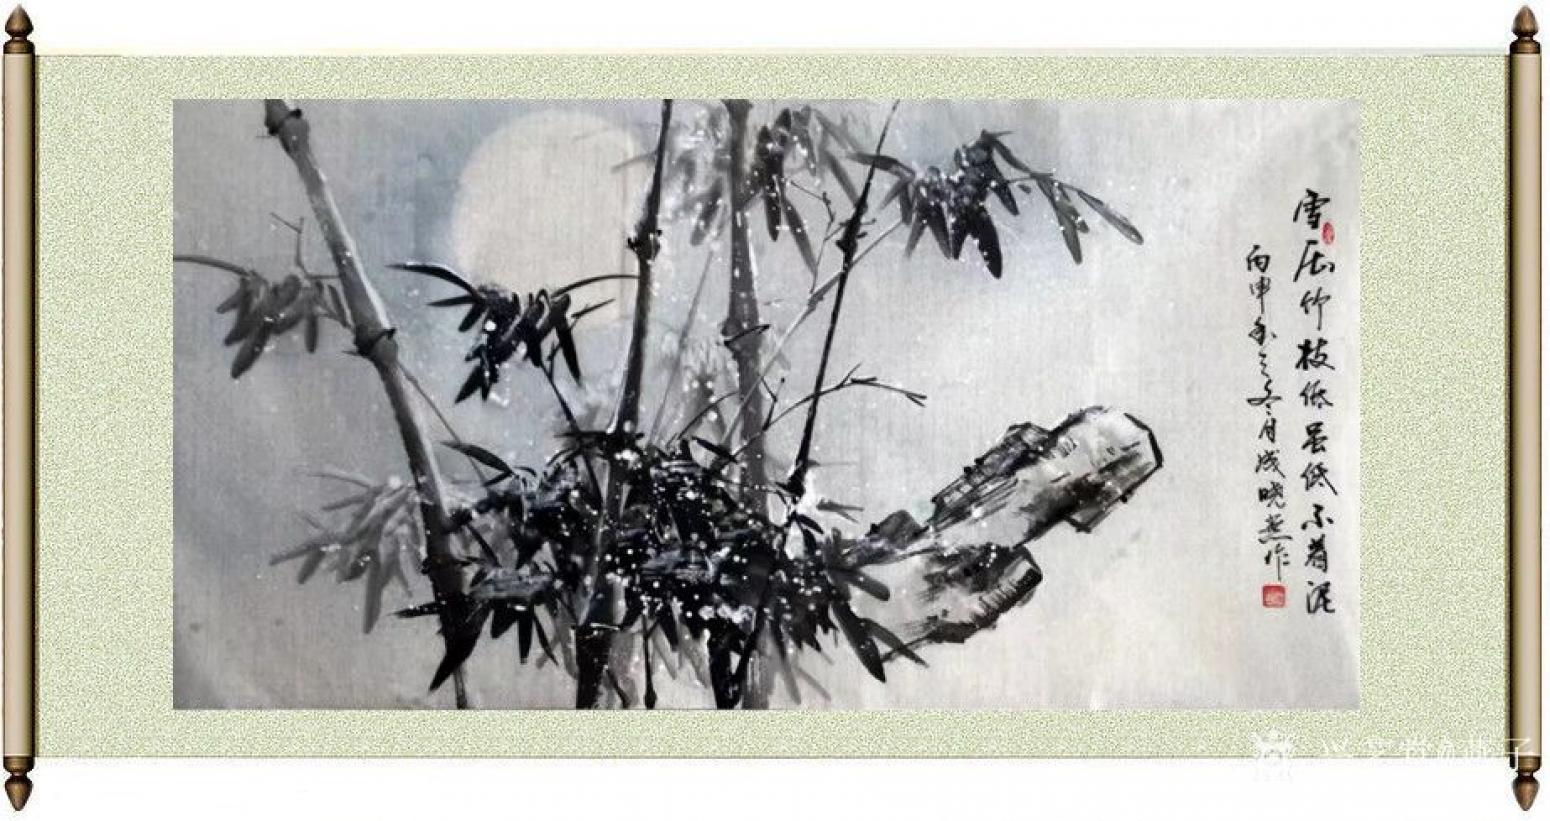 成晓燕国画作品《雪压竹枝低虽低不着泥》【图1】